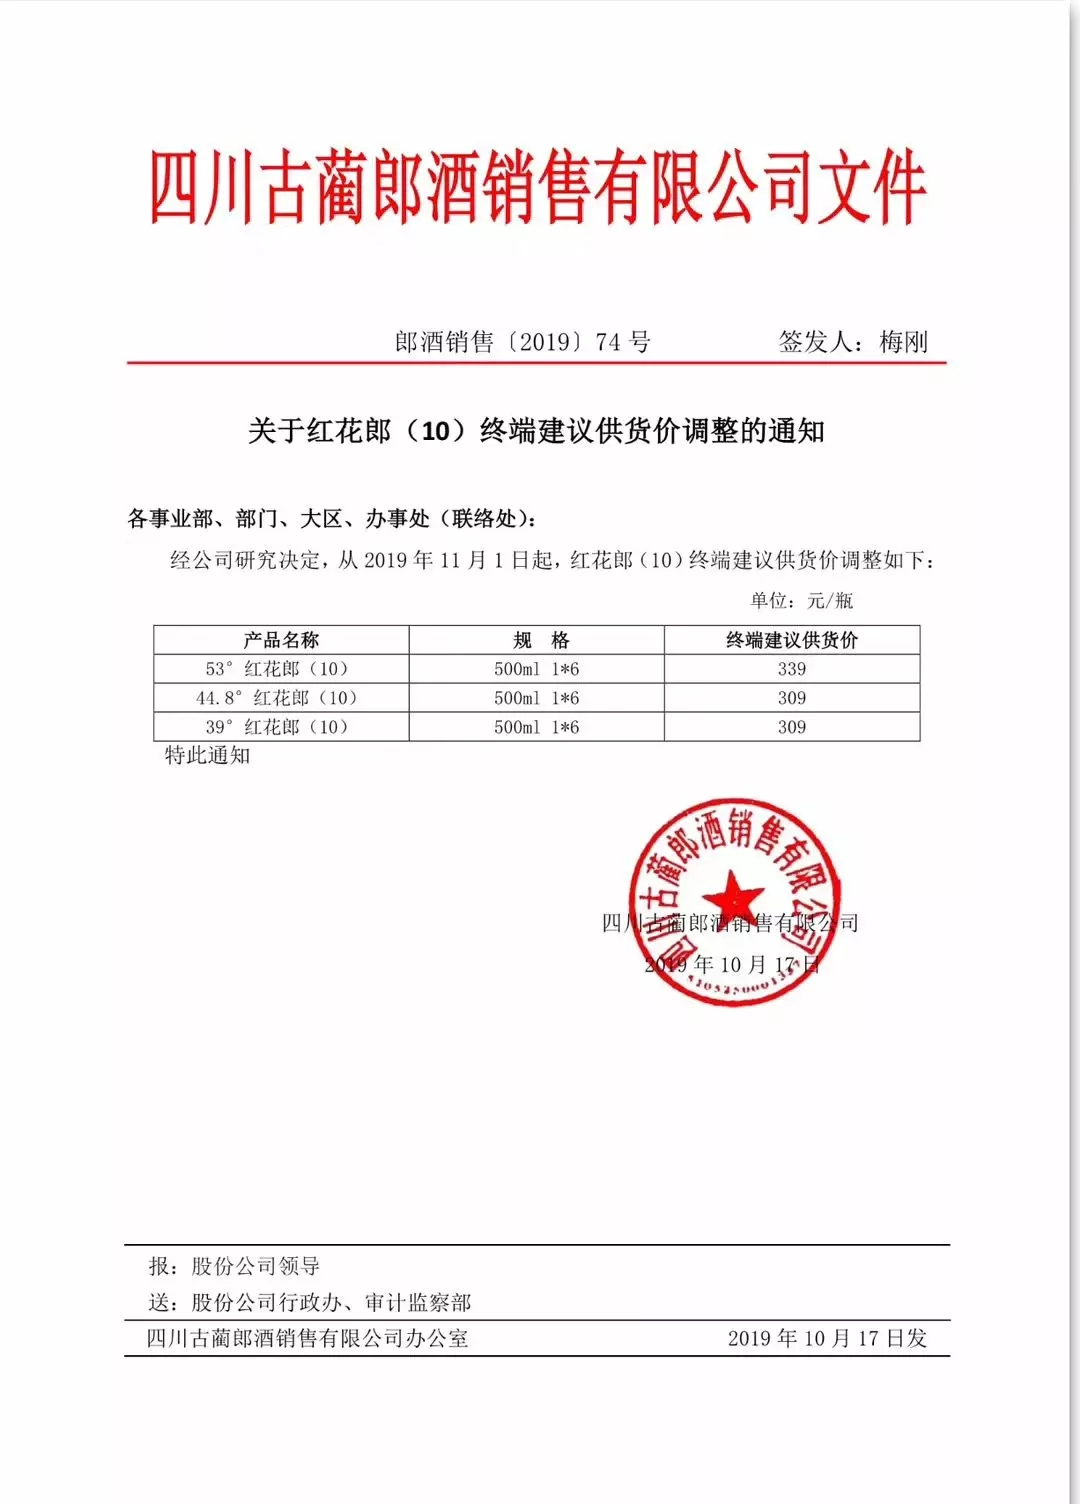 红花郎(10)终端供货价11月1日起上涨